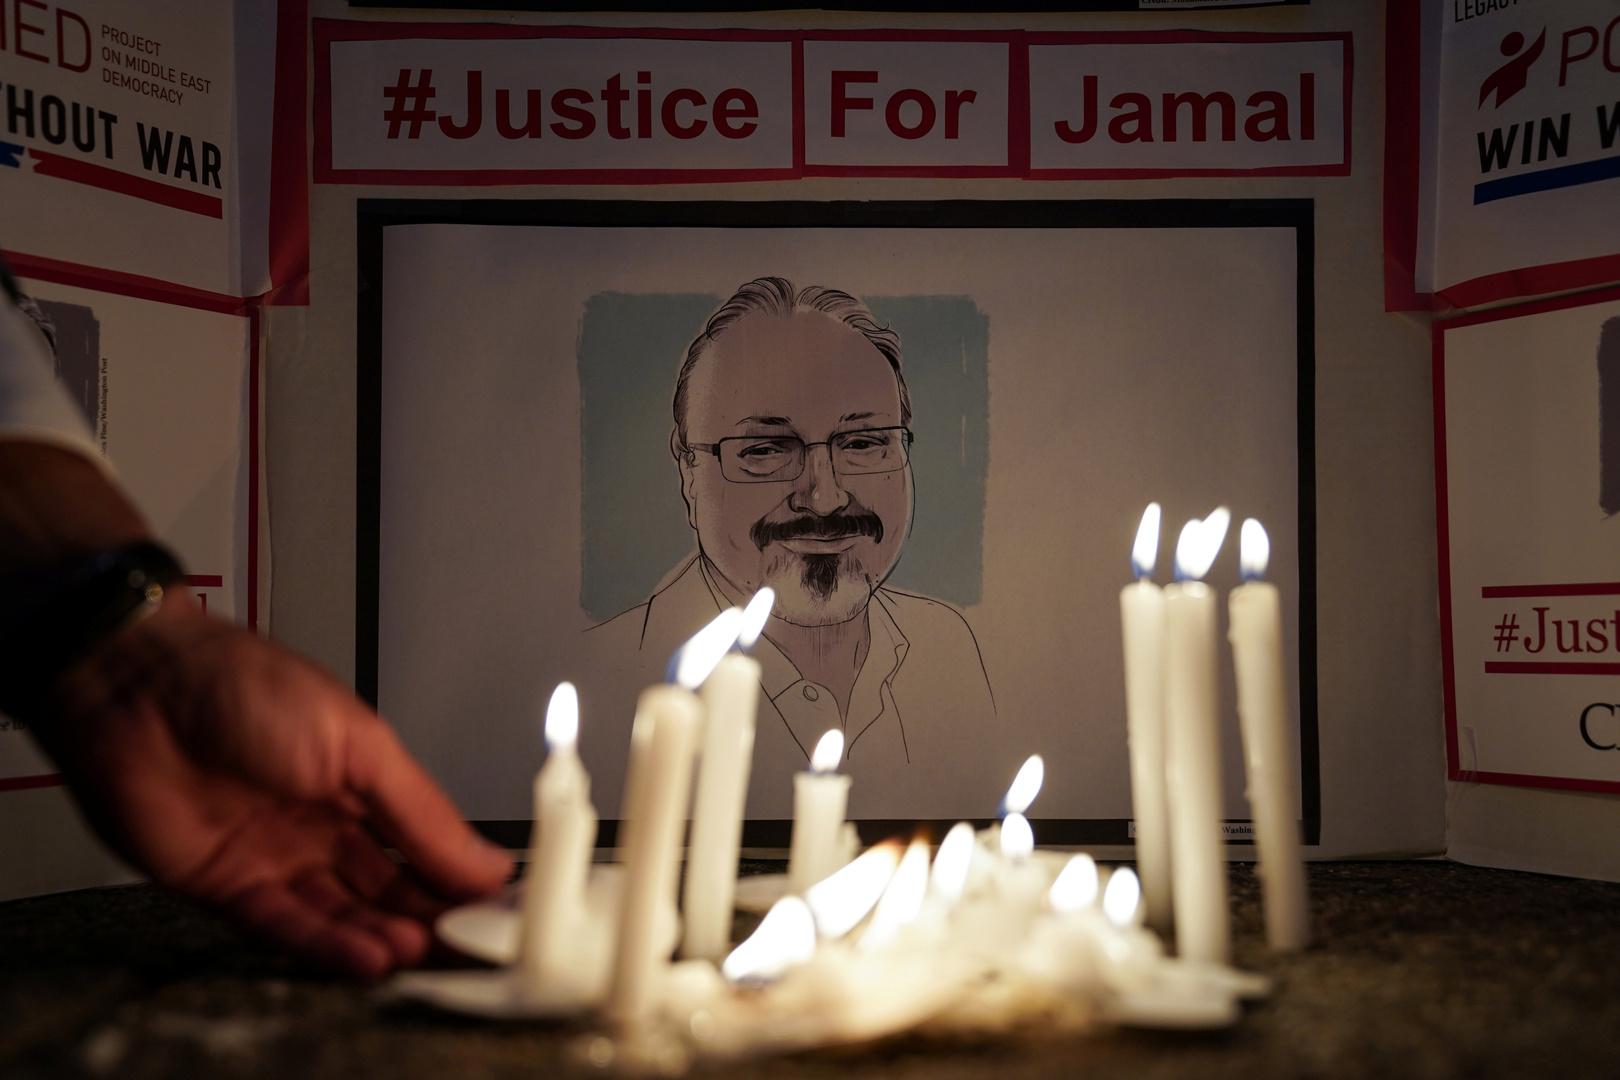 شموع مضاءة أمام صورة الصحفي السعودي جمال خاشقجي